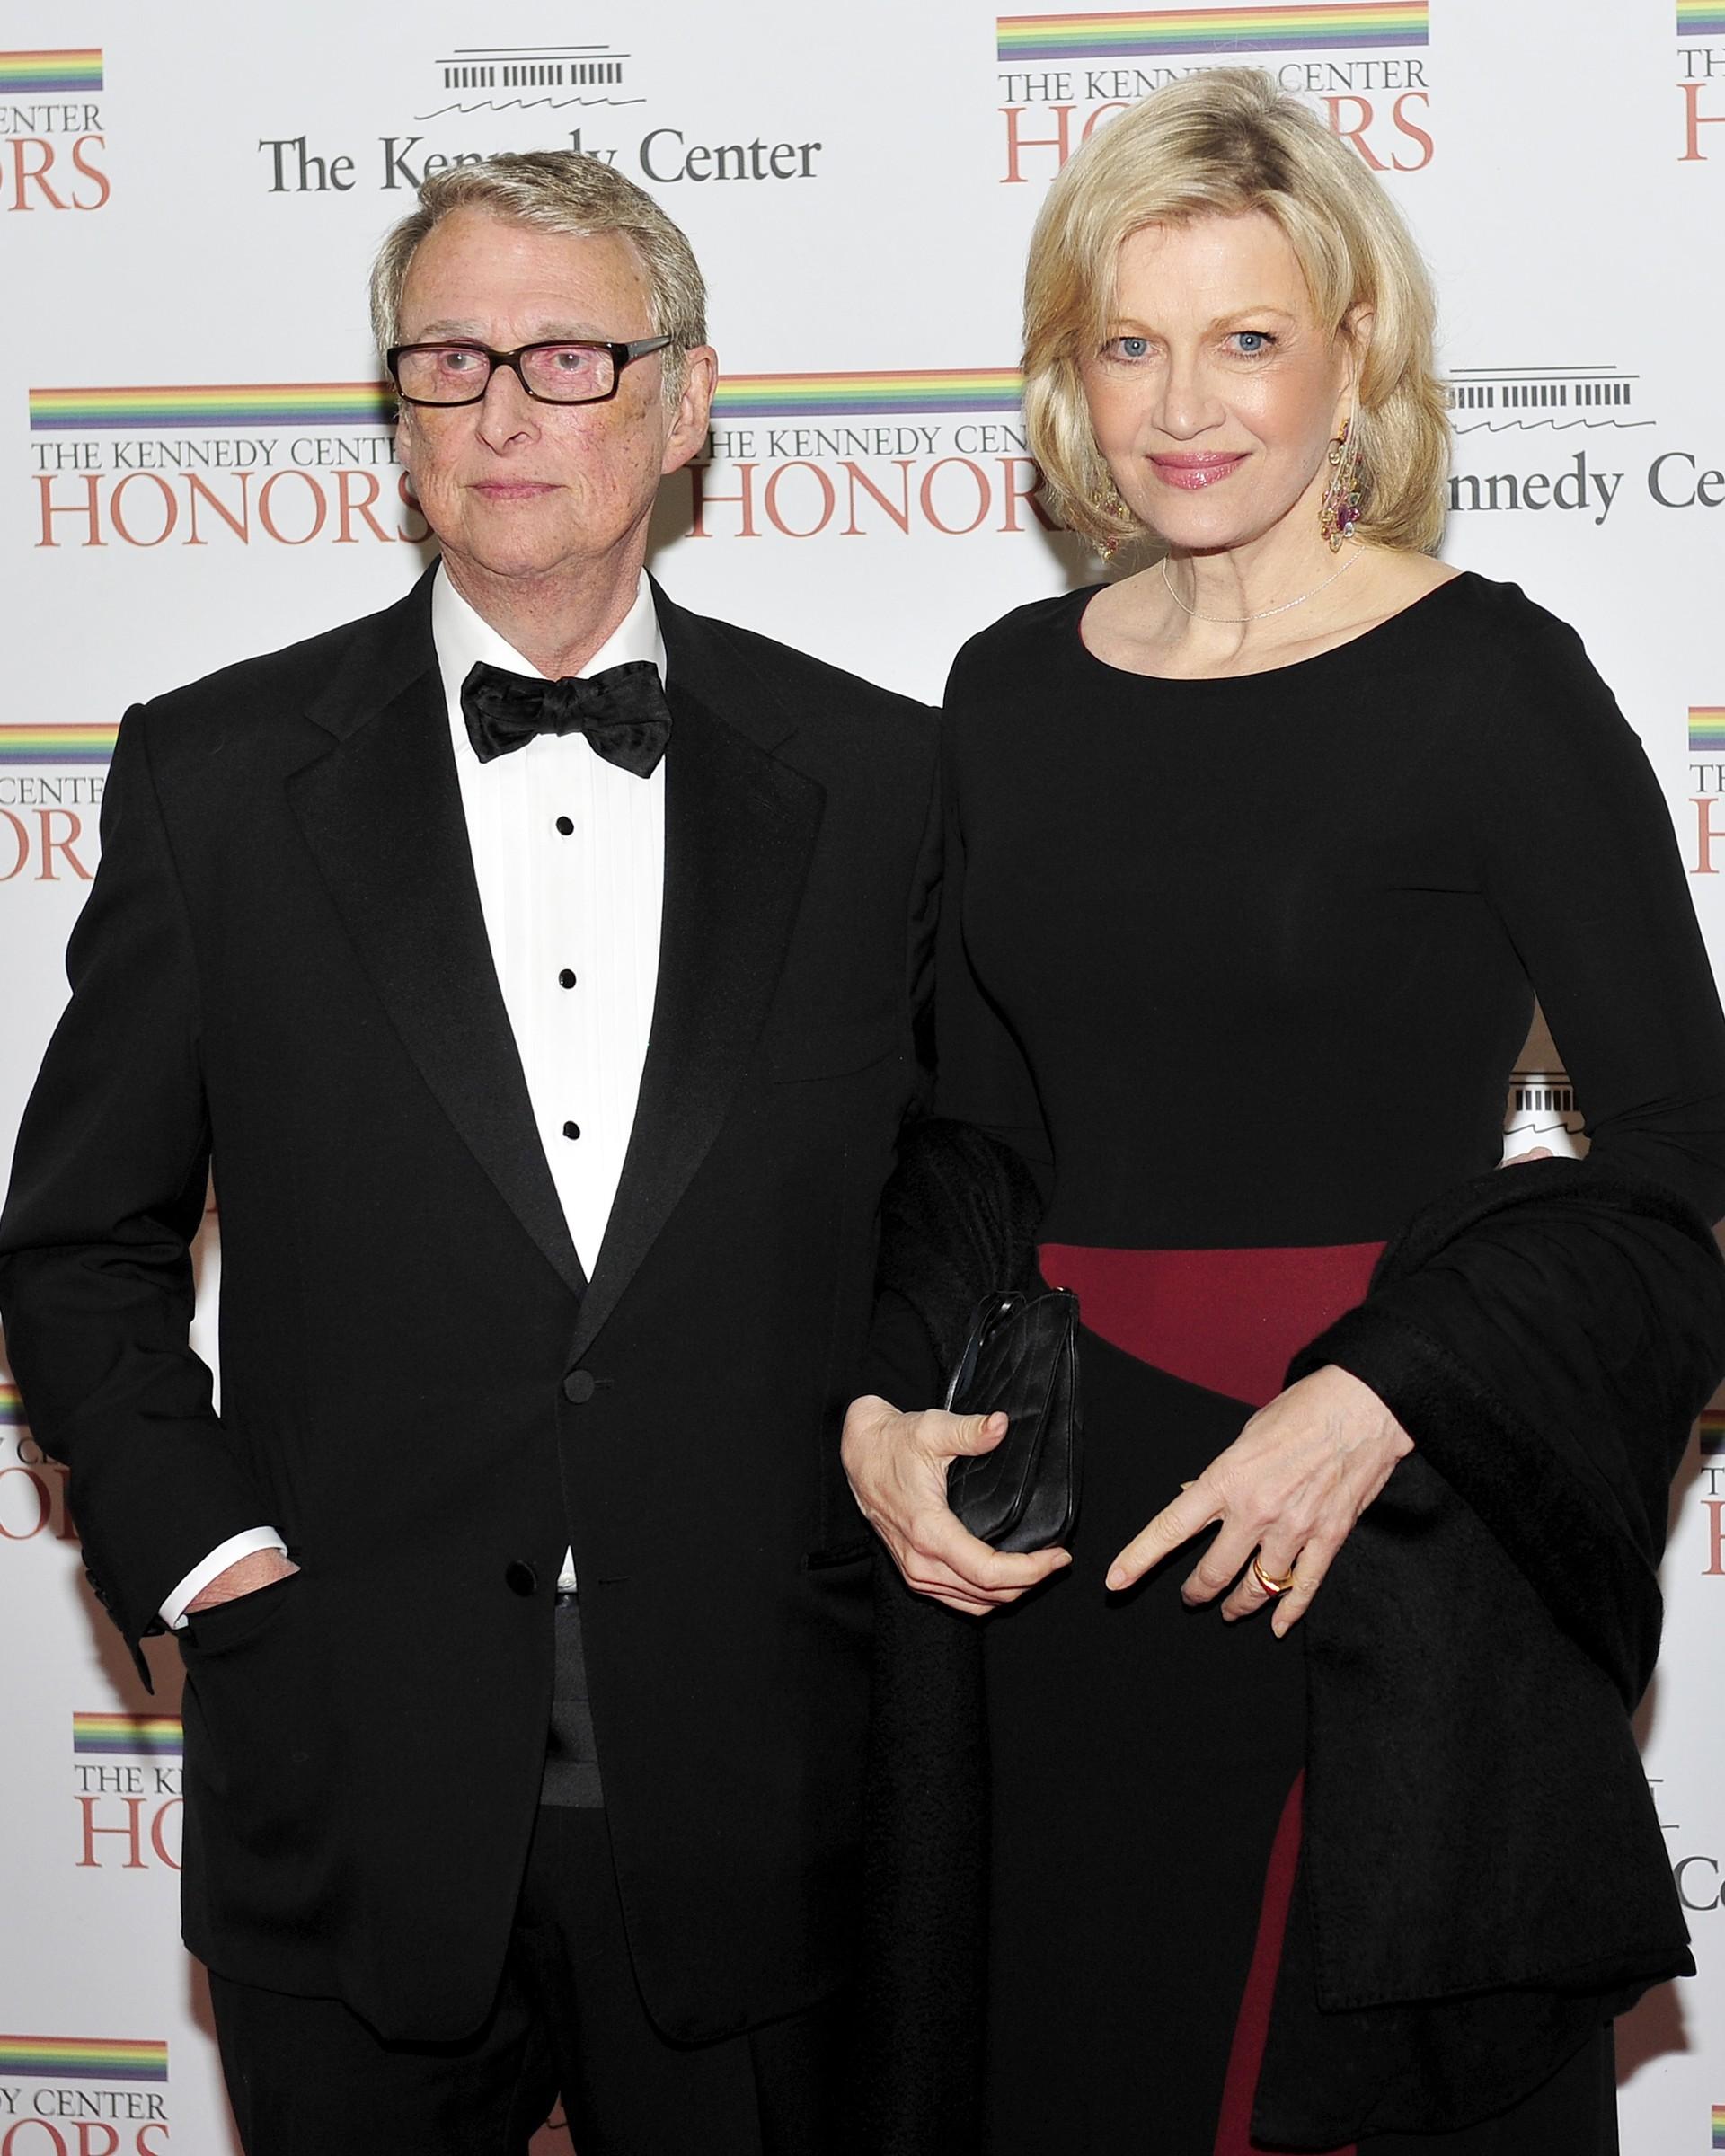 O diretor dos filmes 'Closer: Perto Demais' e 'A Gaiola das Loucas' casou-se com a apresentadora e jornalista da ABC Diane Sawyer. Ele tem 21 anos a mais do que ela, provando que o amor não tem idade. (Foto: Getty Images)